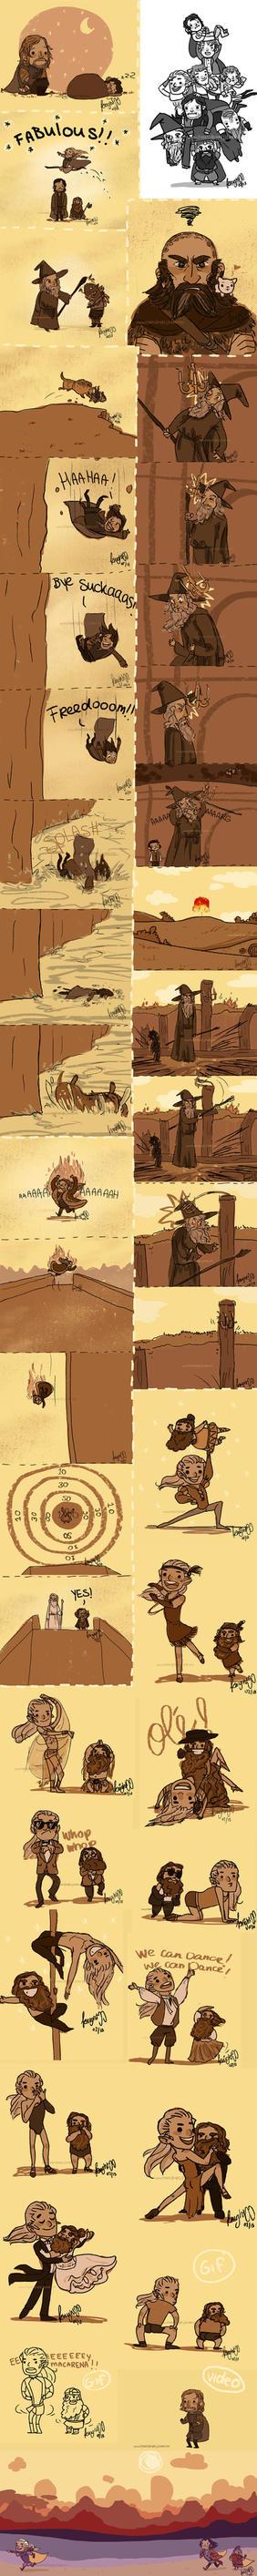 Hobbit/LOTR Tumblr Dump3 by knightJJ